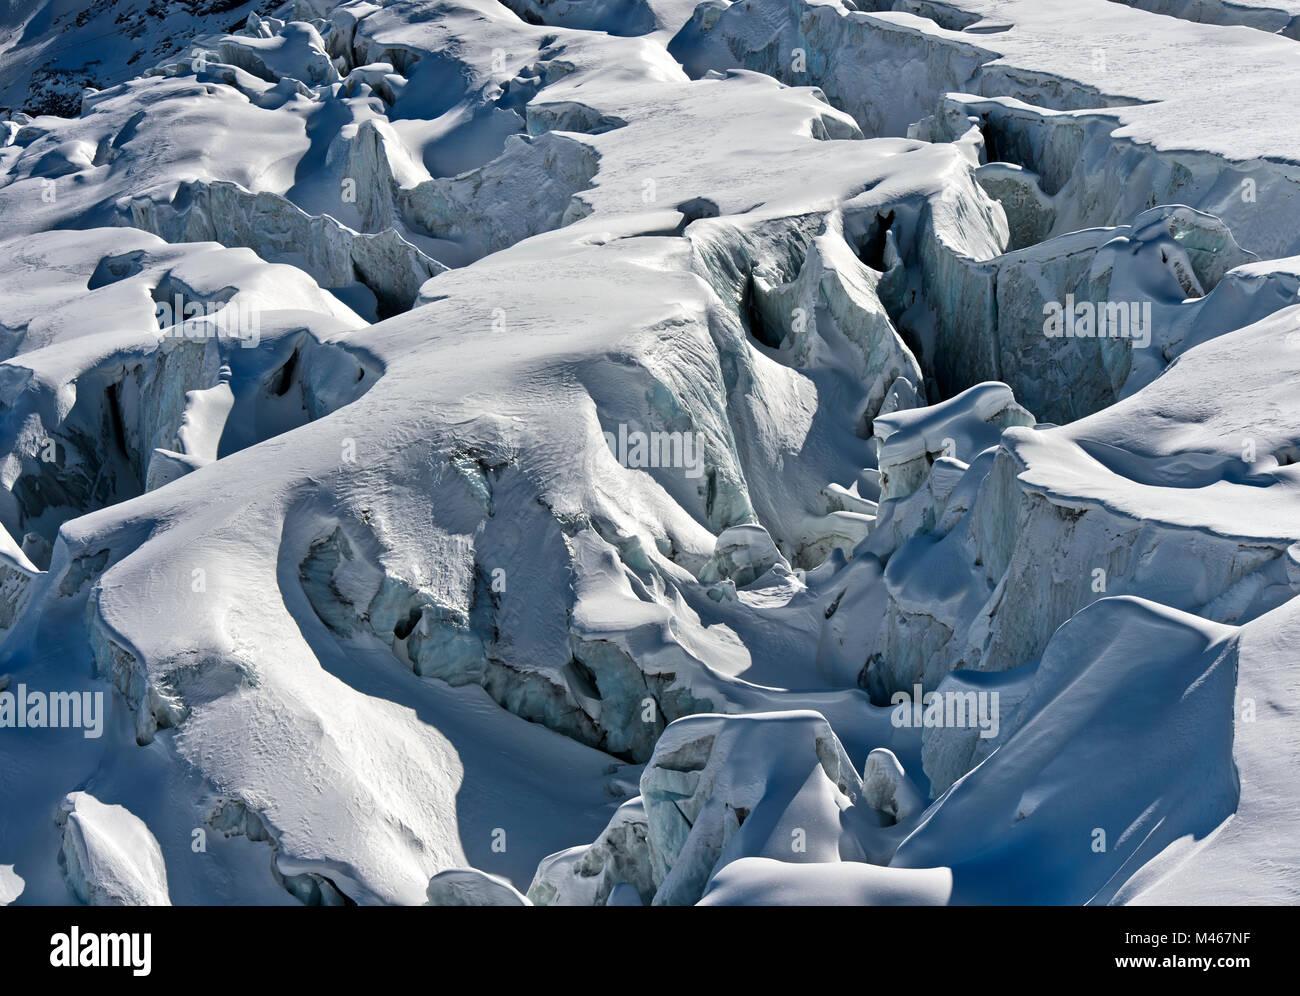 Spalten der Feegletscher Gletscher, Saas-Fee, Wallis, Schweiz Stockbild